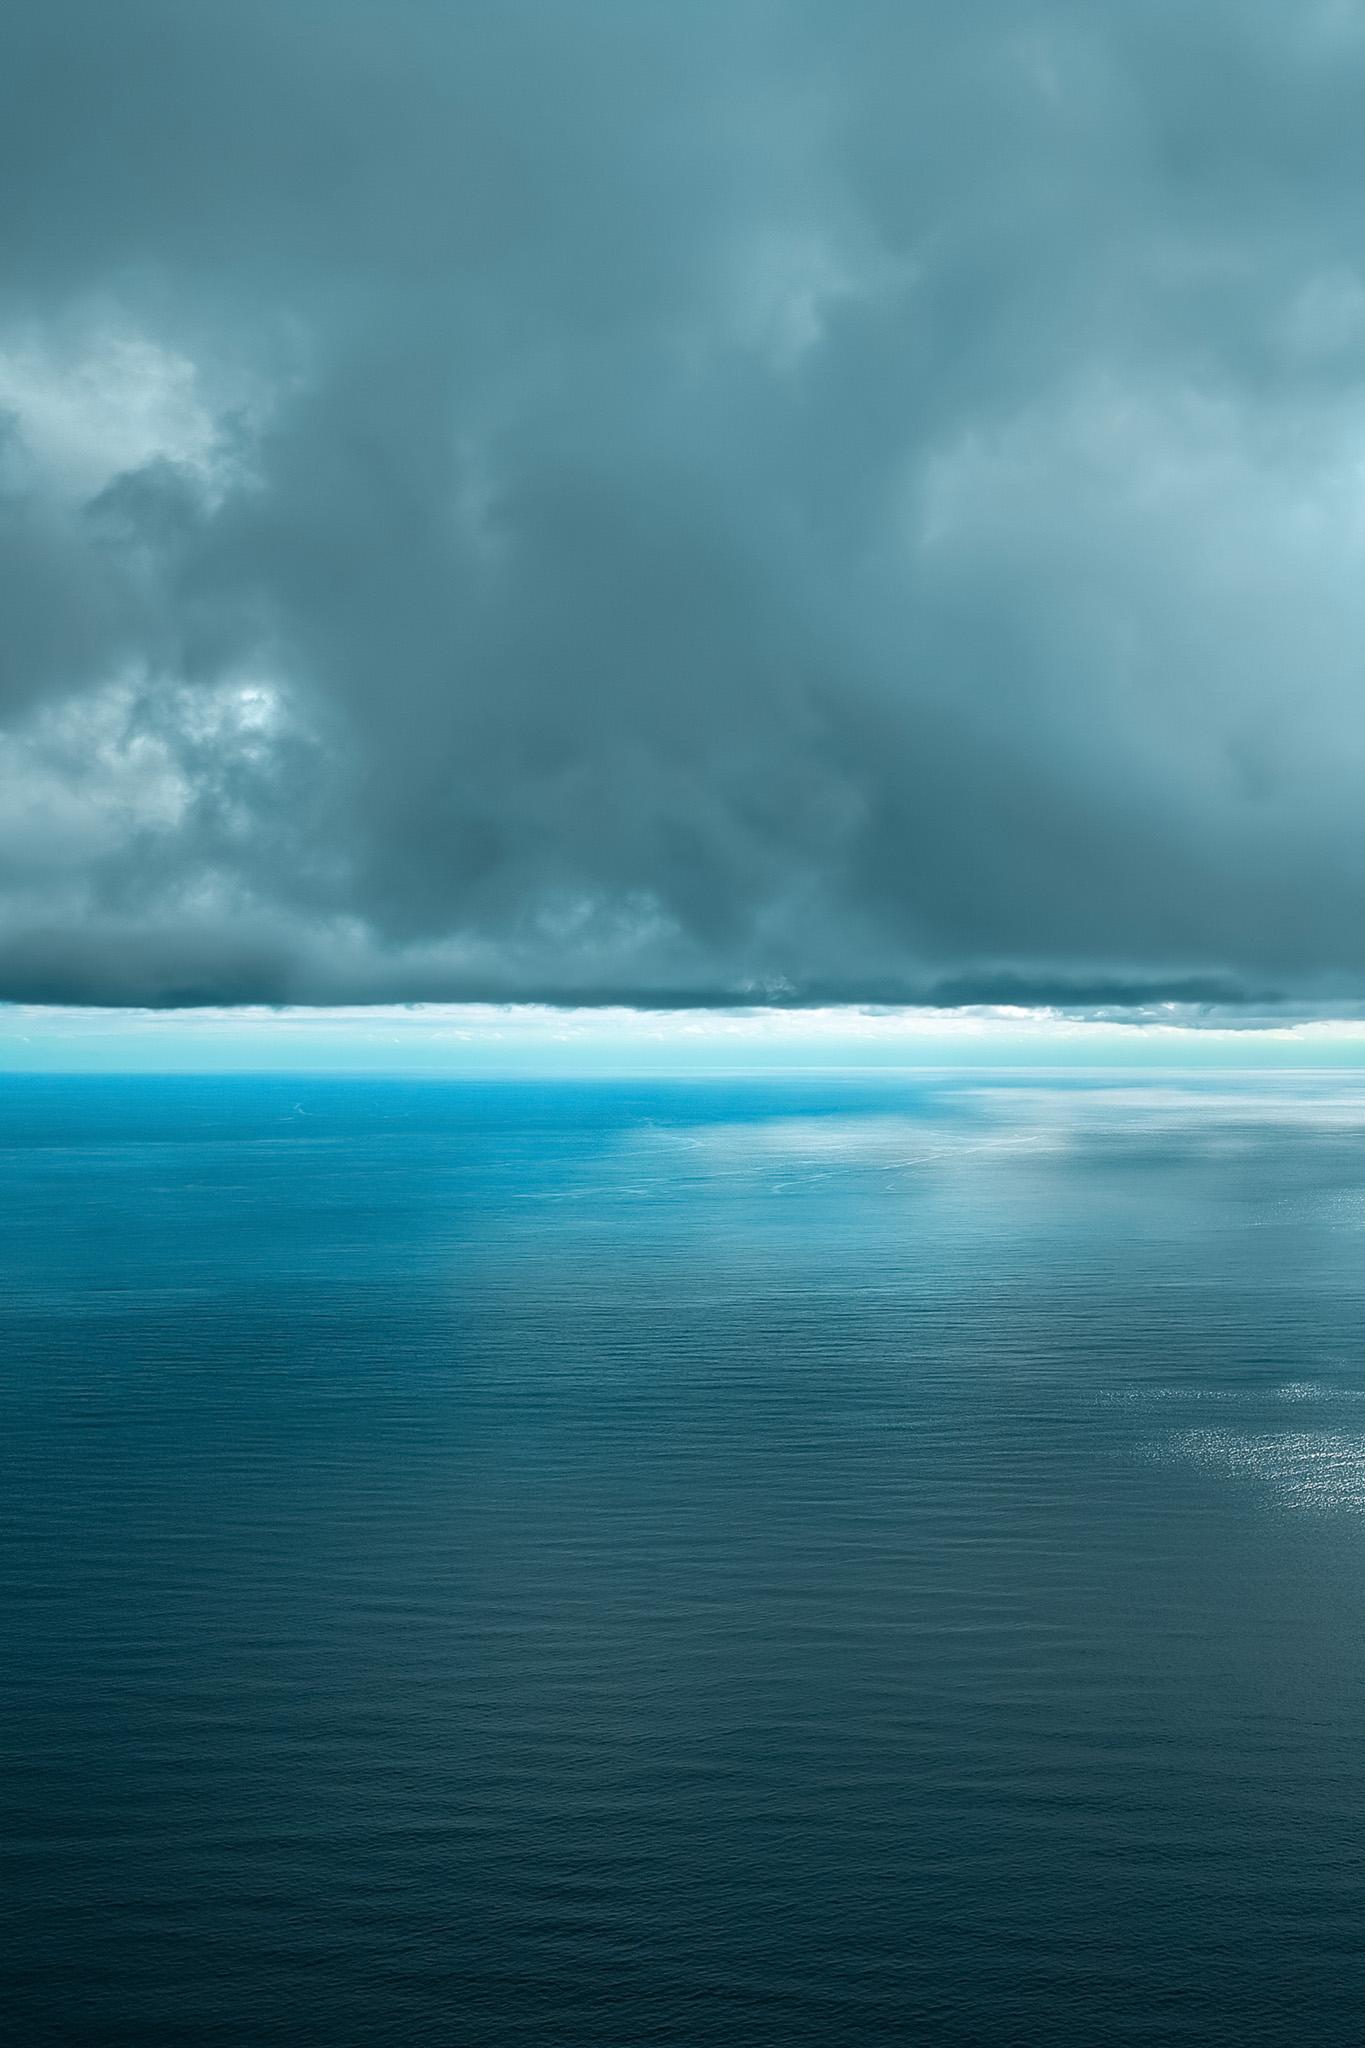 「水平線と灰色の雲」